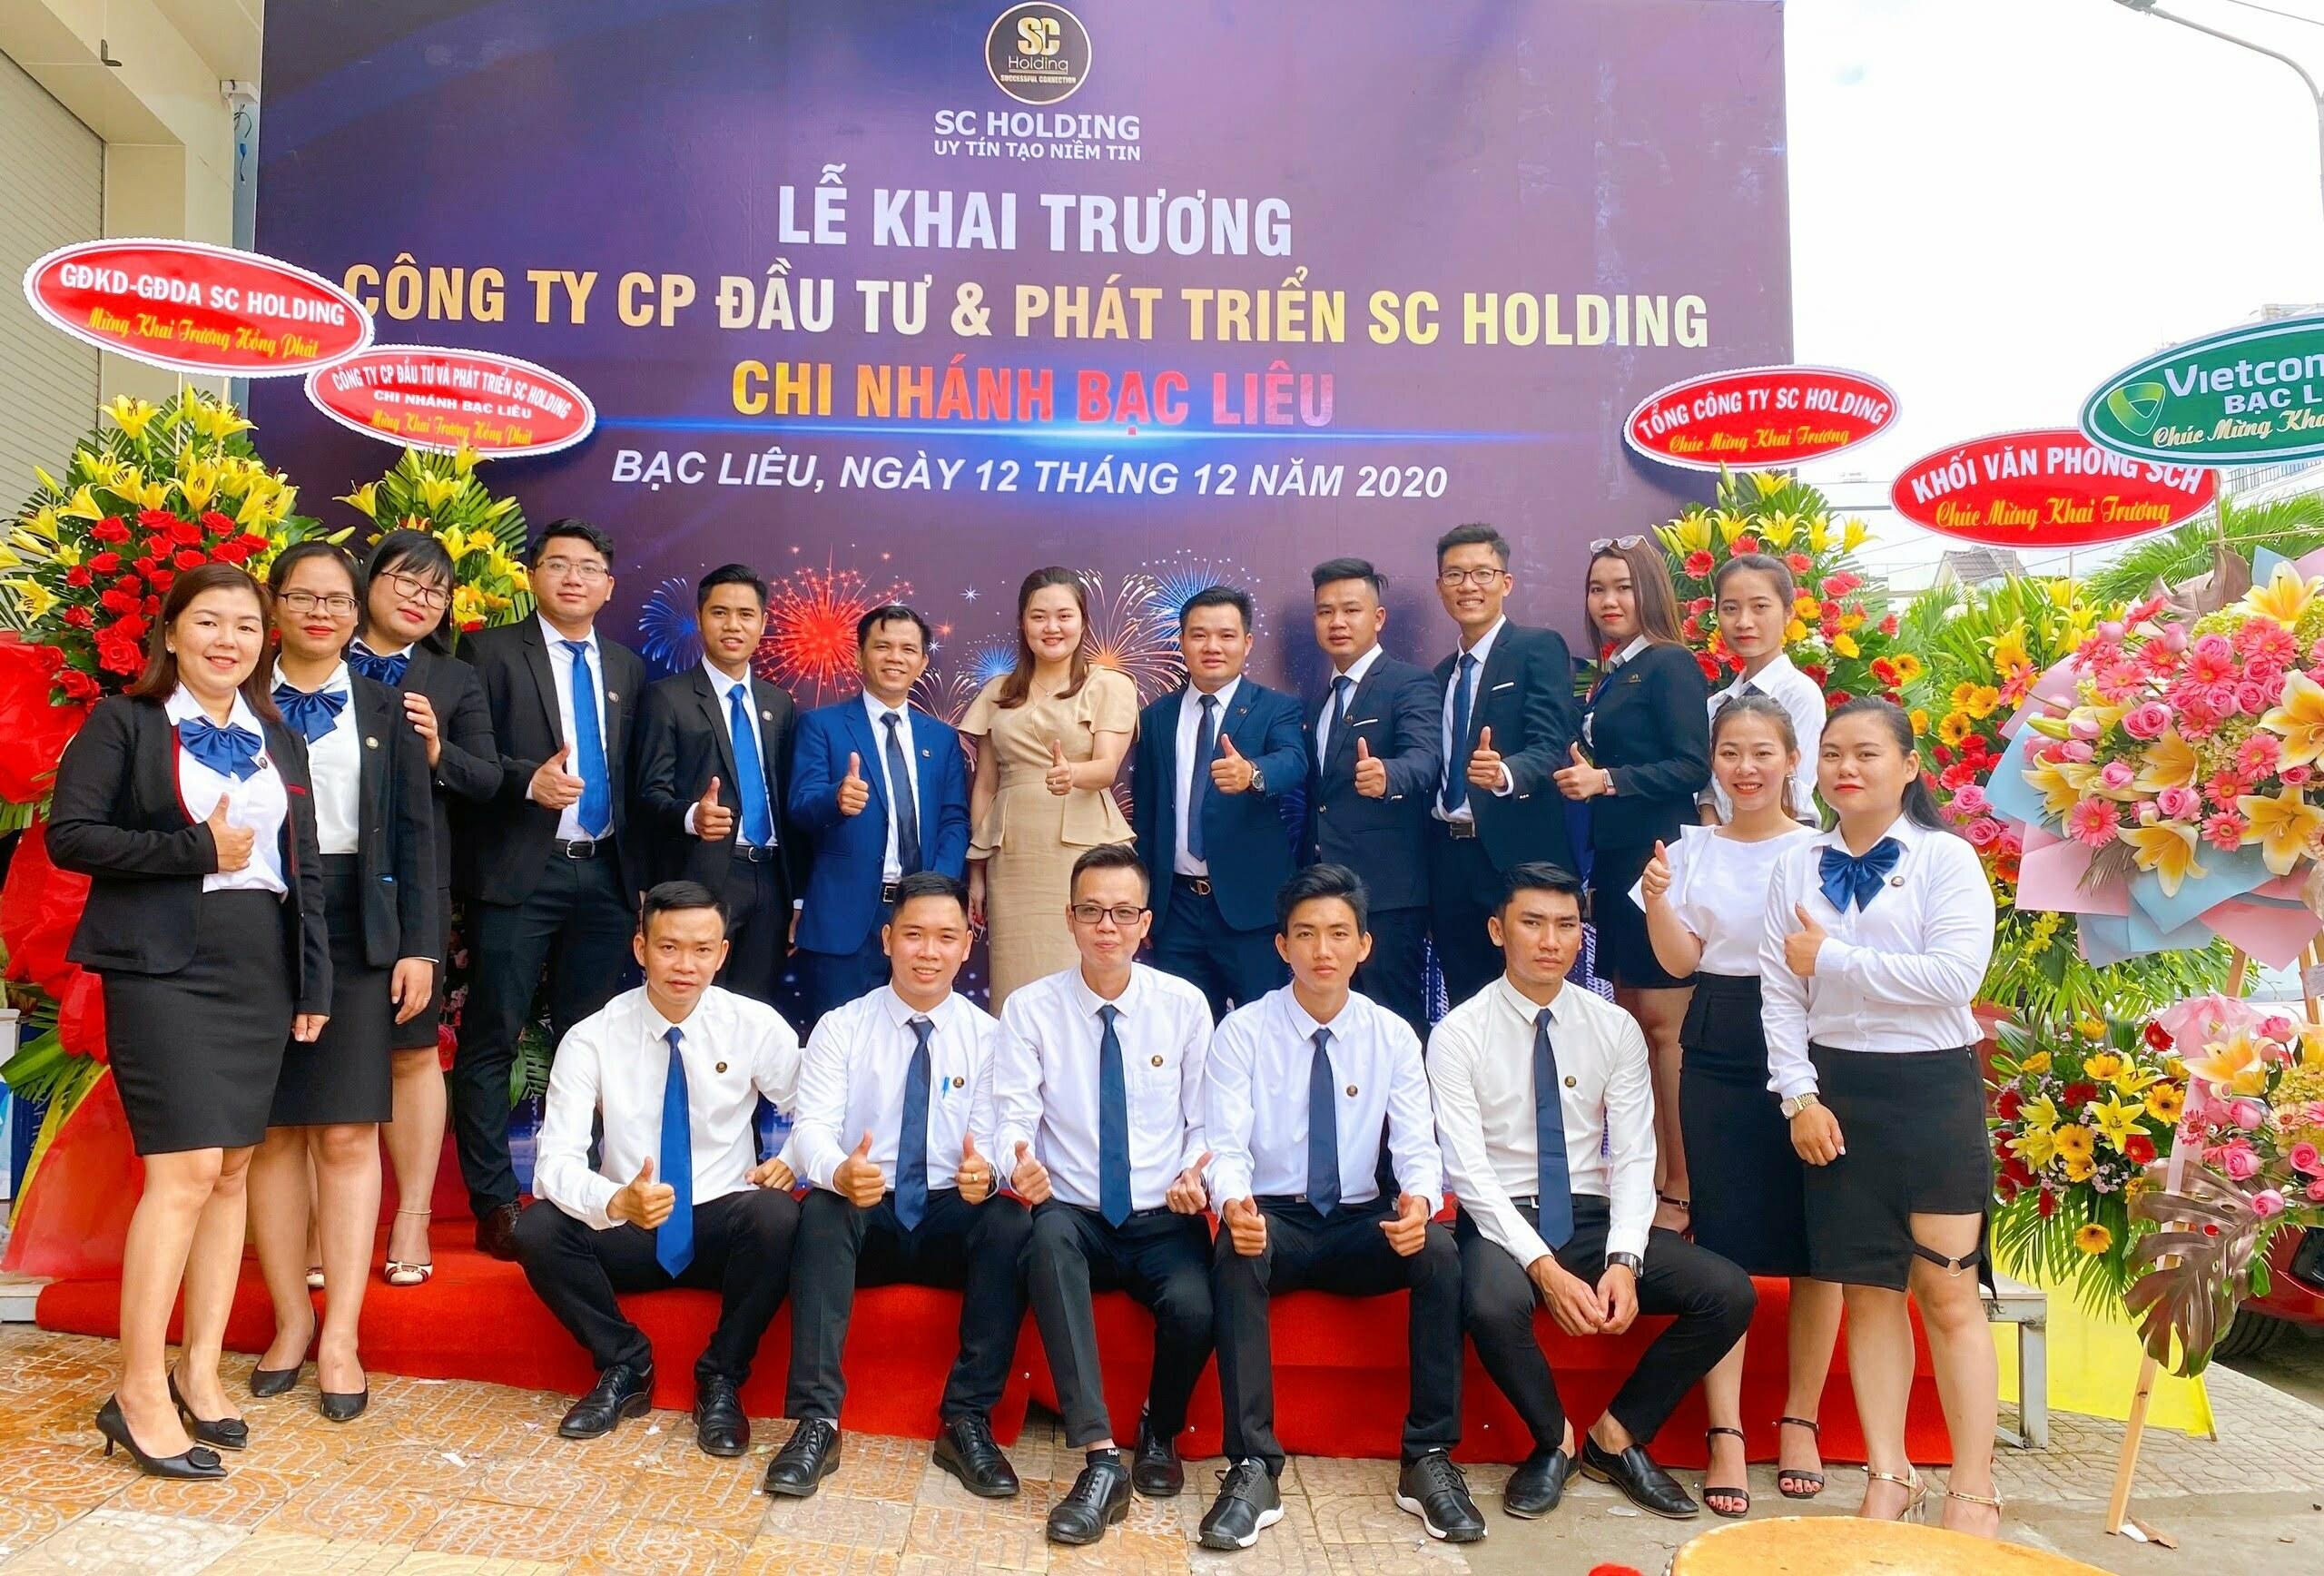 tung bung le khai truong chi nhanh sc holding tai bac lieu6